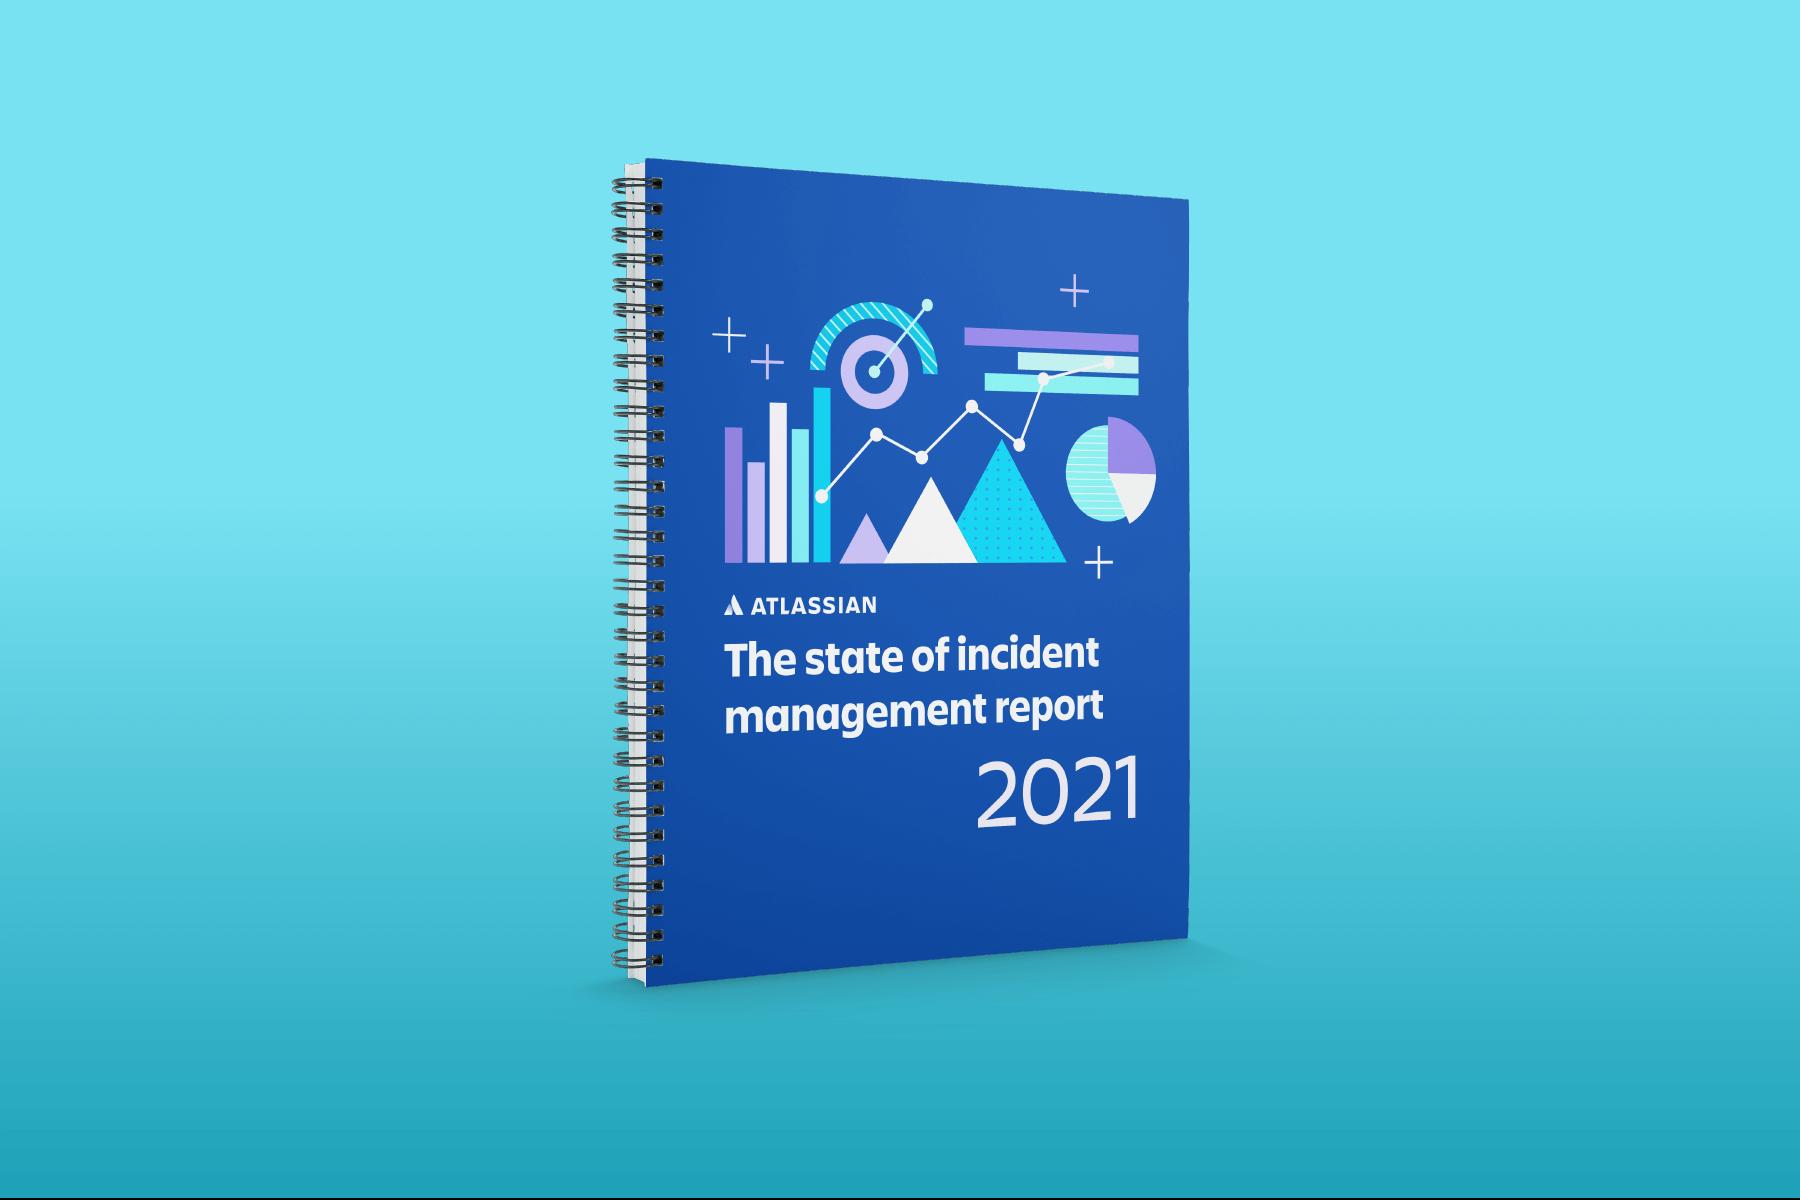 2021년 인시던트 관리 현황 보고서 커버